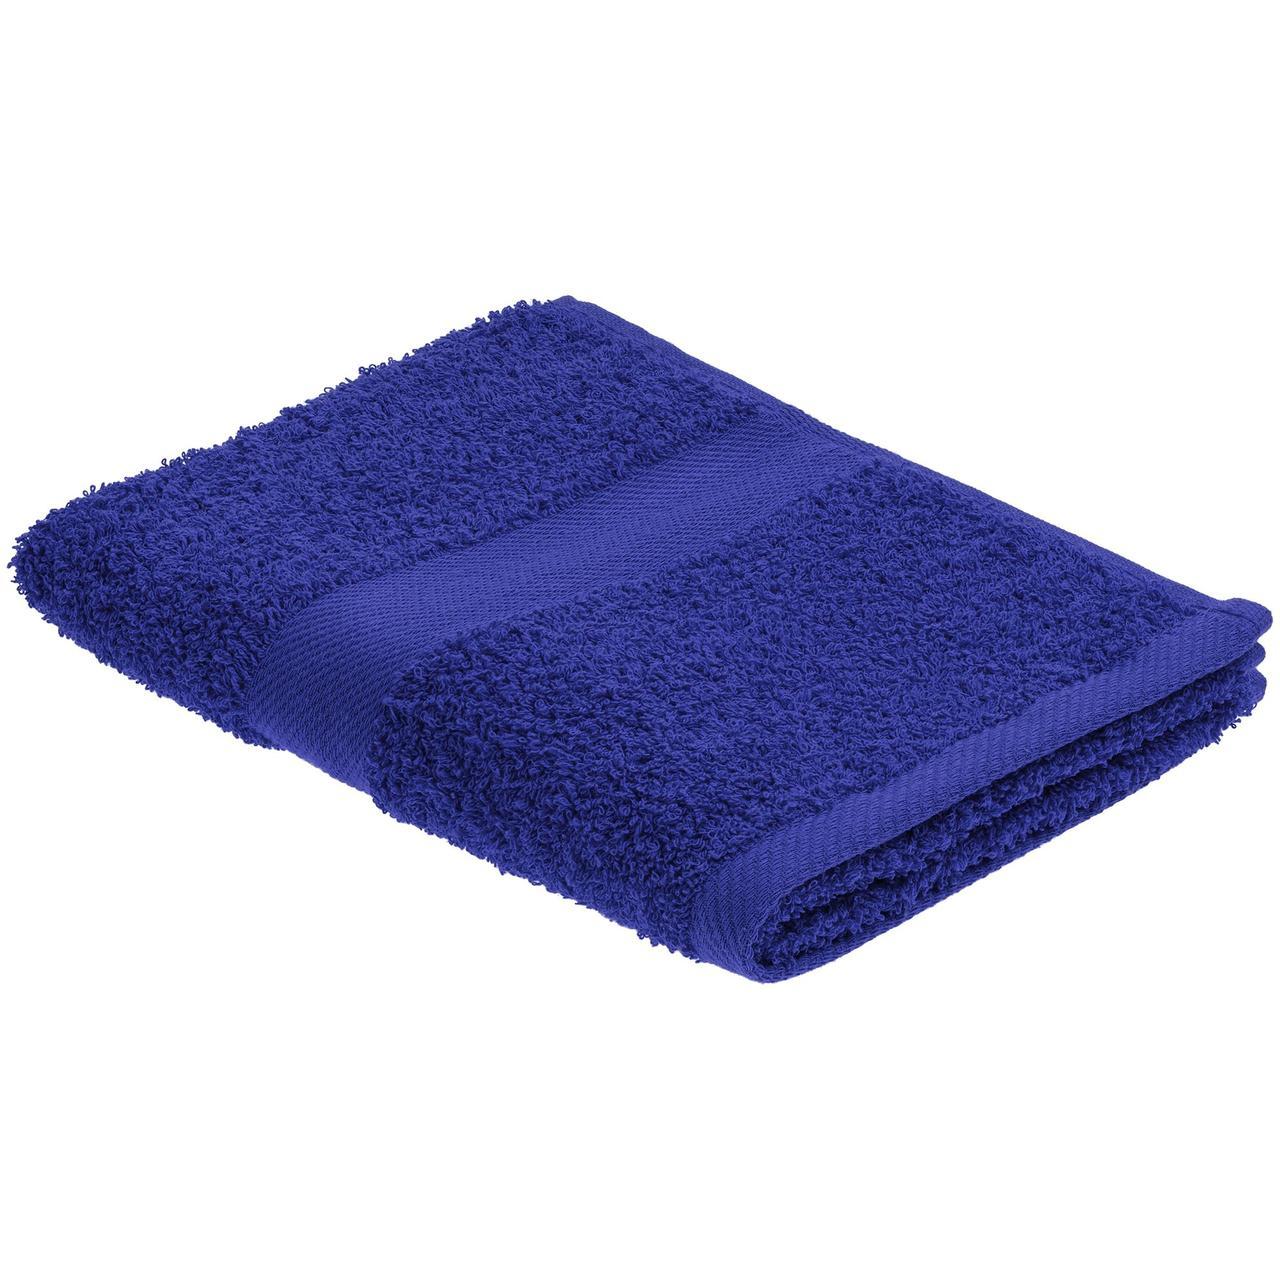 Полотенце Embrace, среднее, синее (артикул 20099.40)